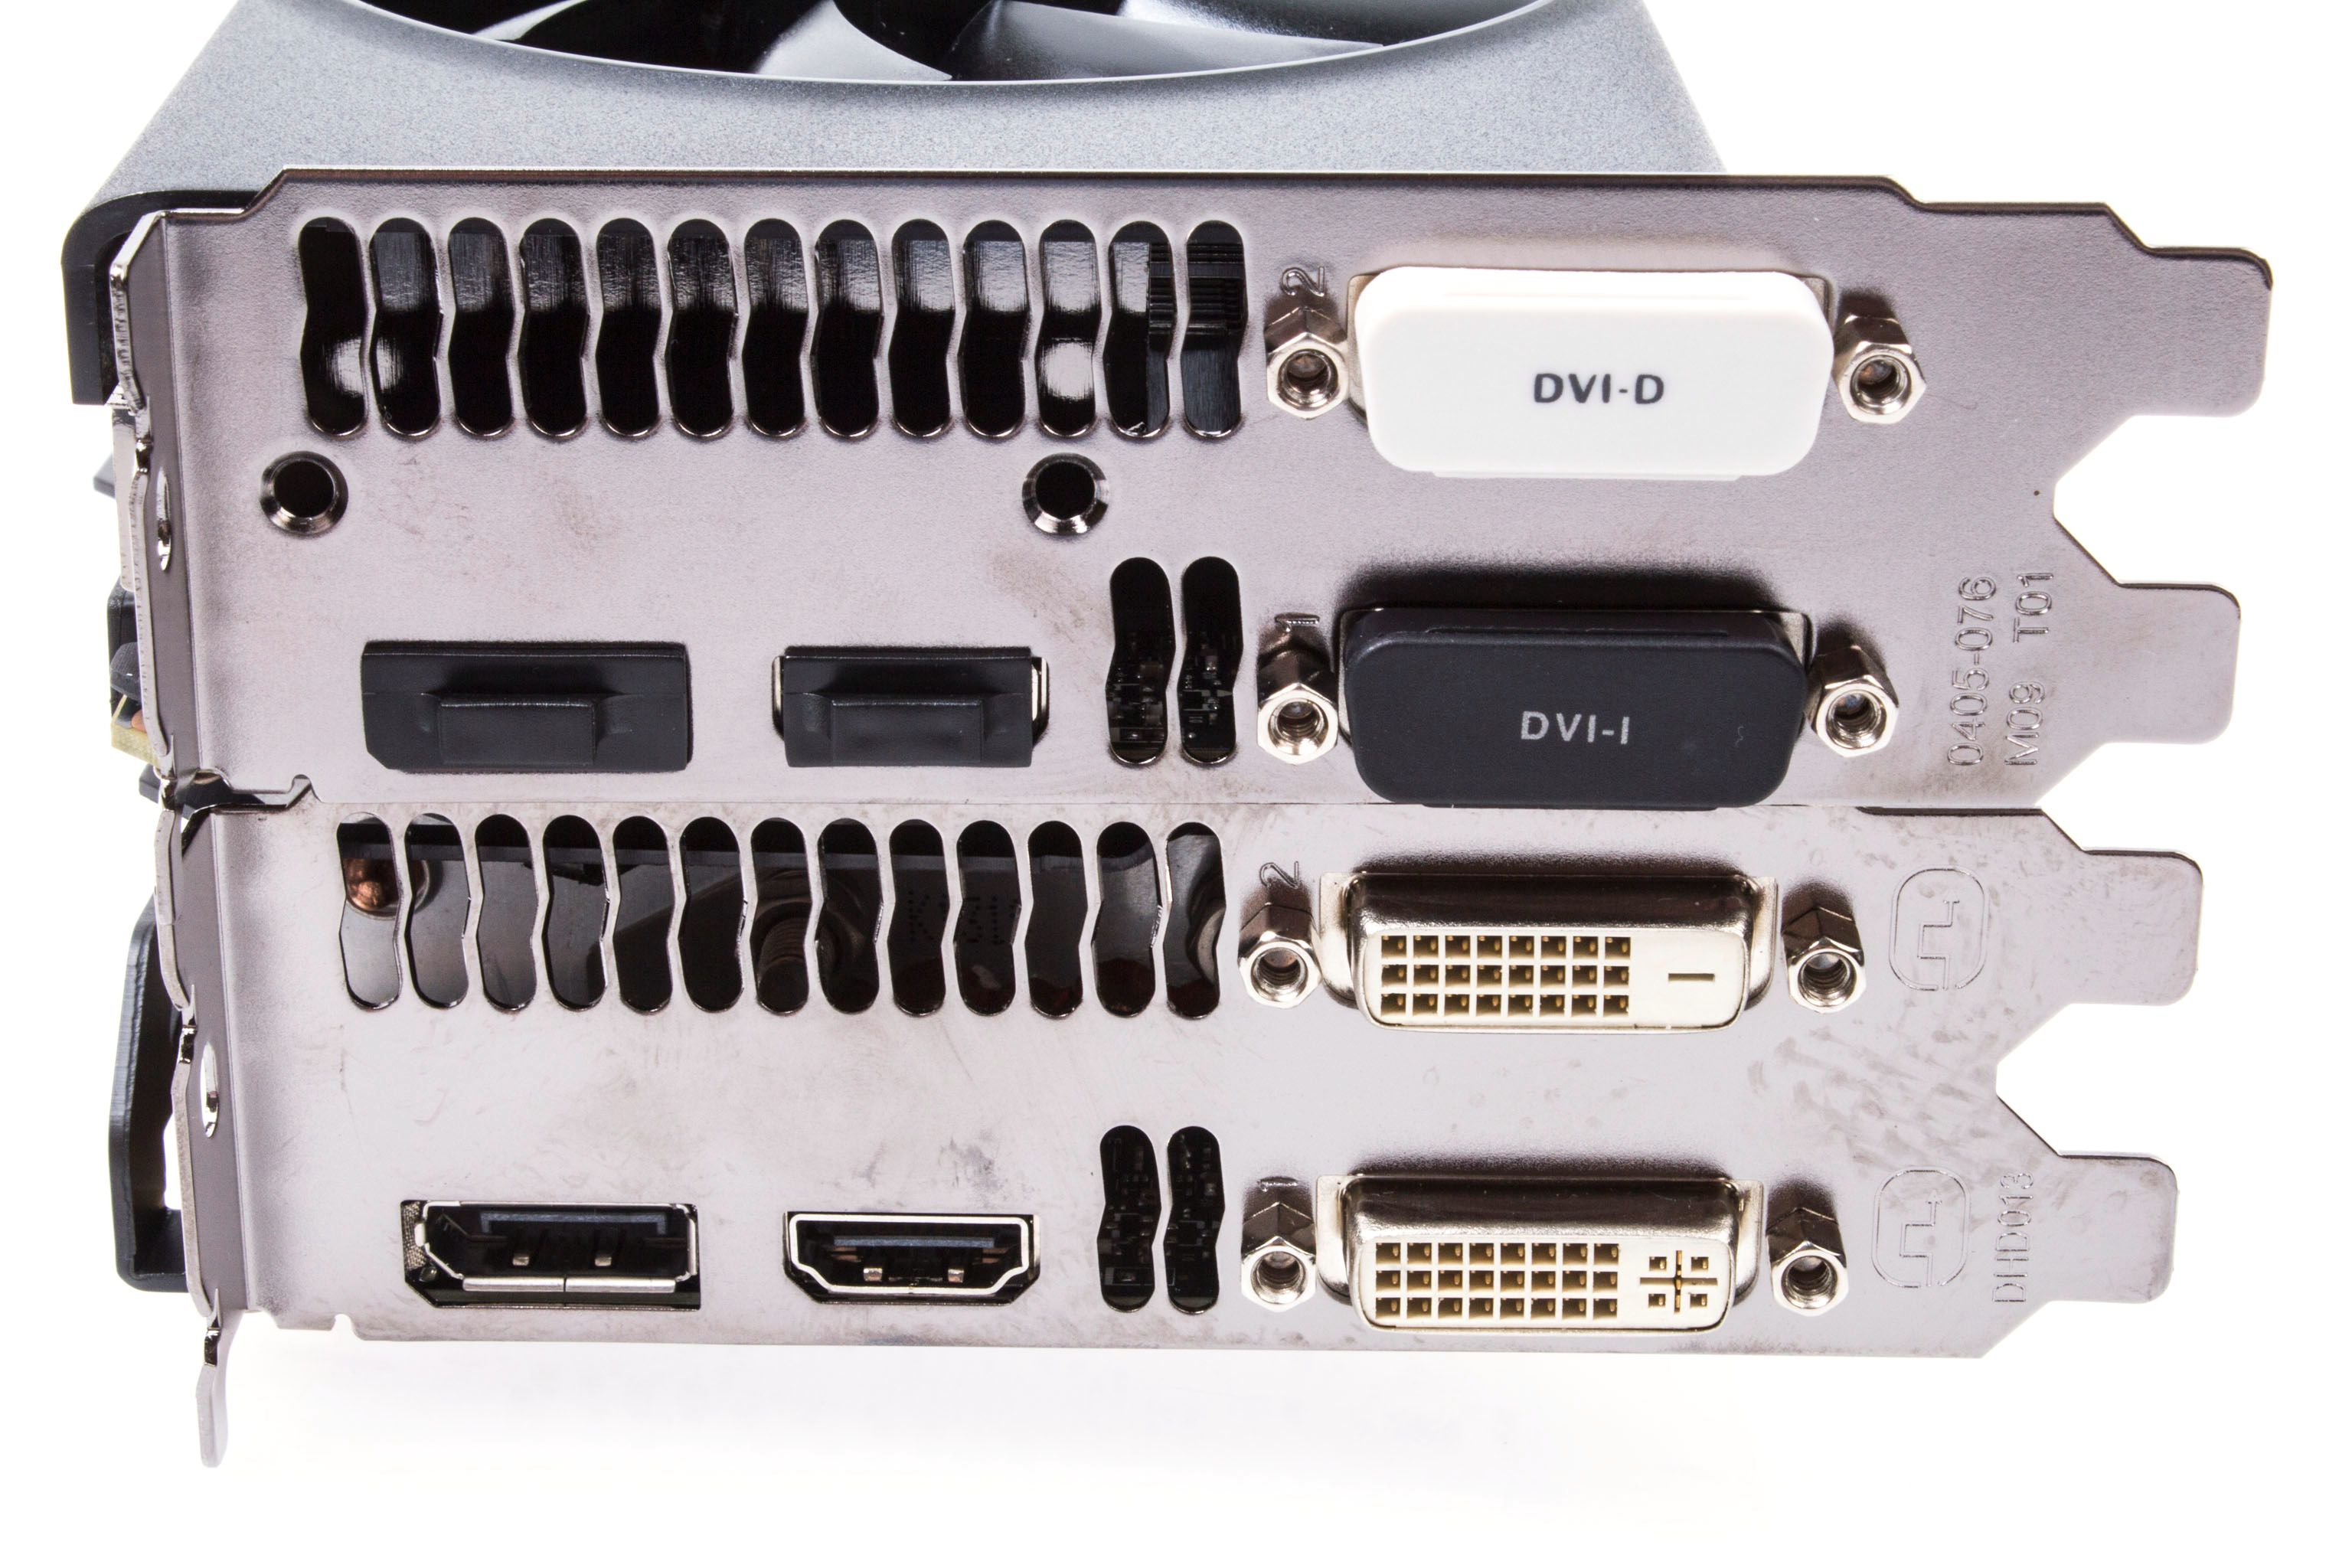 Med HDMI, DisplayPort og dobbel DVI byr begge GeForce GTX 780-modellene på nok av utganger.Foto: Varg Aamo, Hardware.no